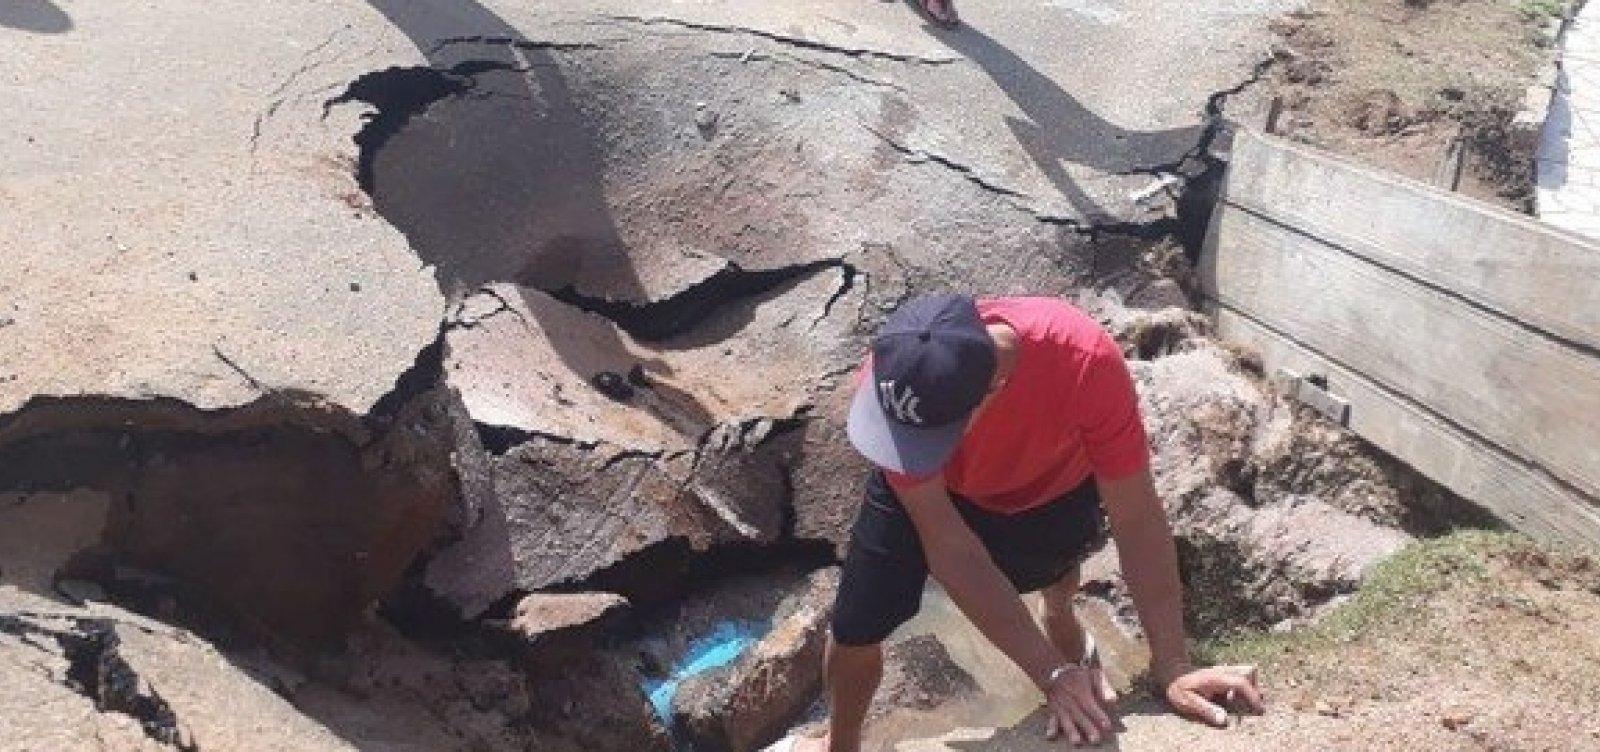 Tubulação rompe e alaga ruas e casas em bairro de Vitória da Conquista